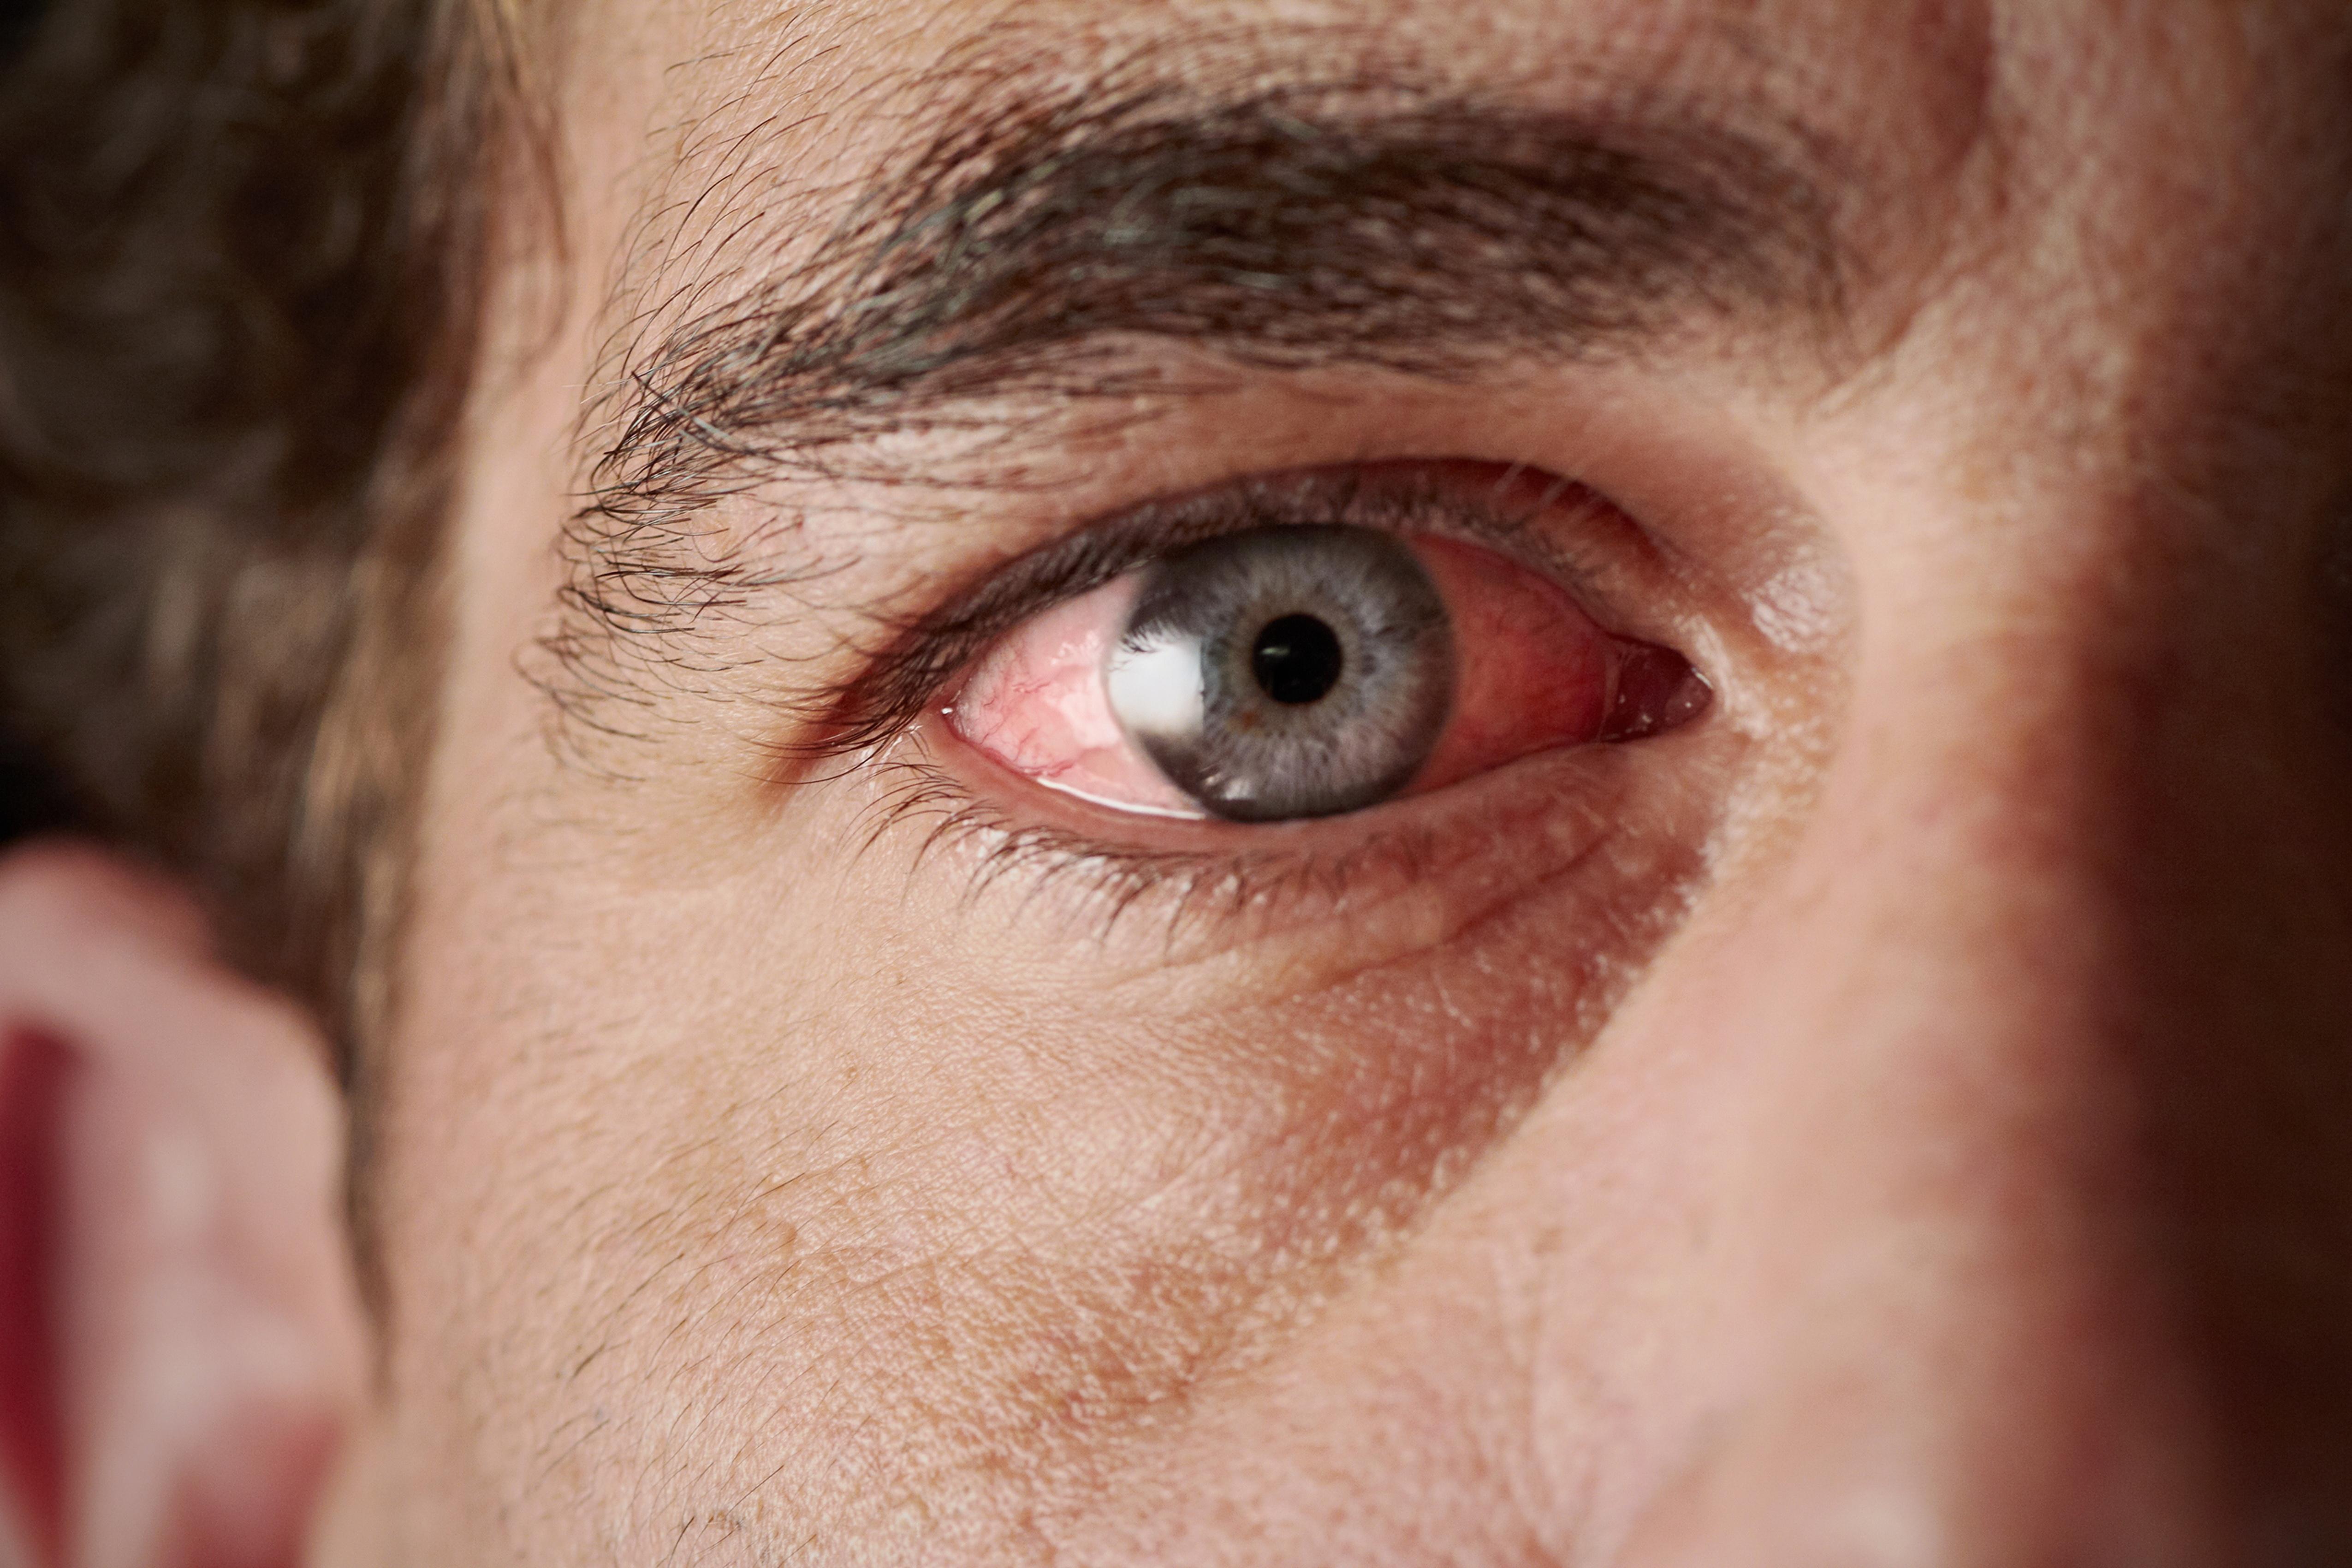 vörös foltok a szem alatt viszketnek és pelyhesek